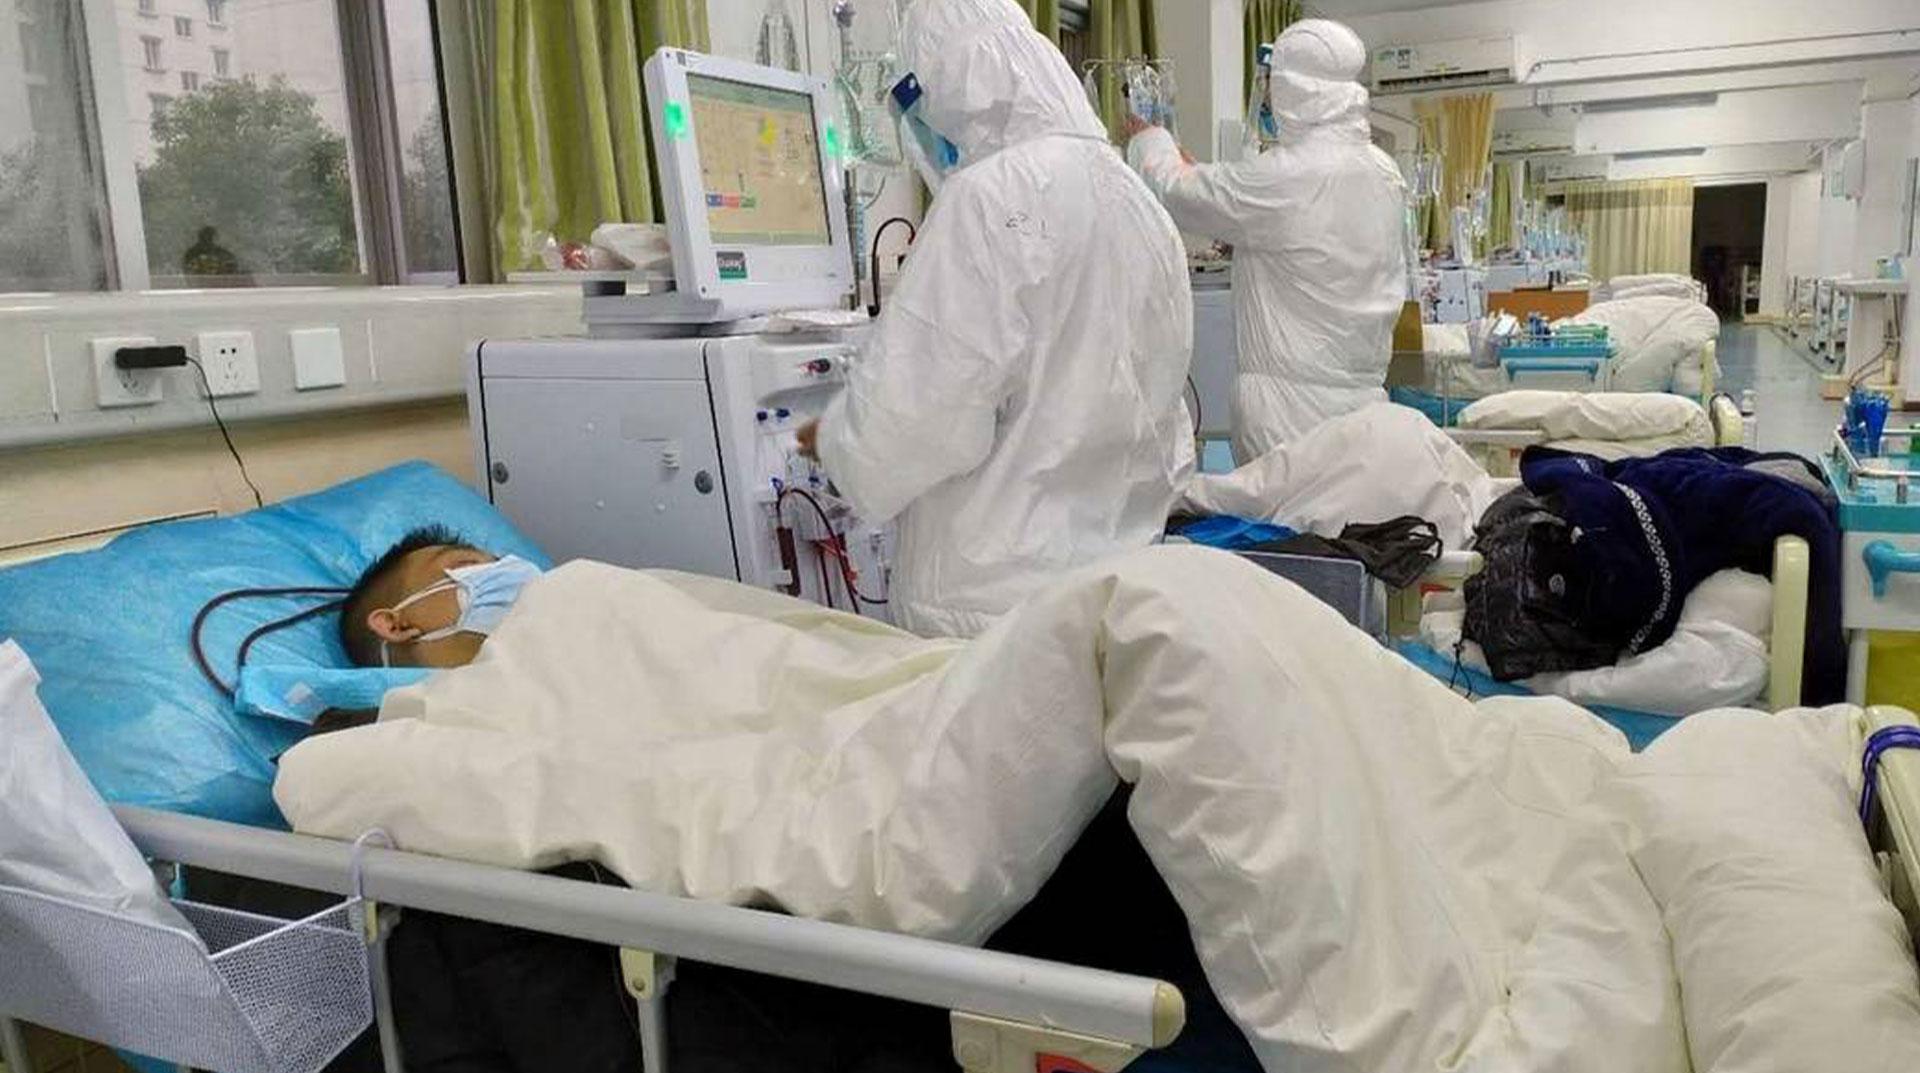 Çin'de Koronavirüs Bilançosu: Ölü Sayısı 132'ye Yükseldi